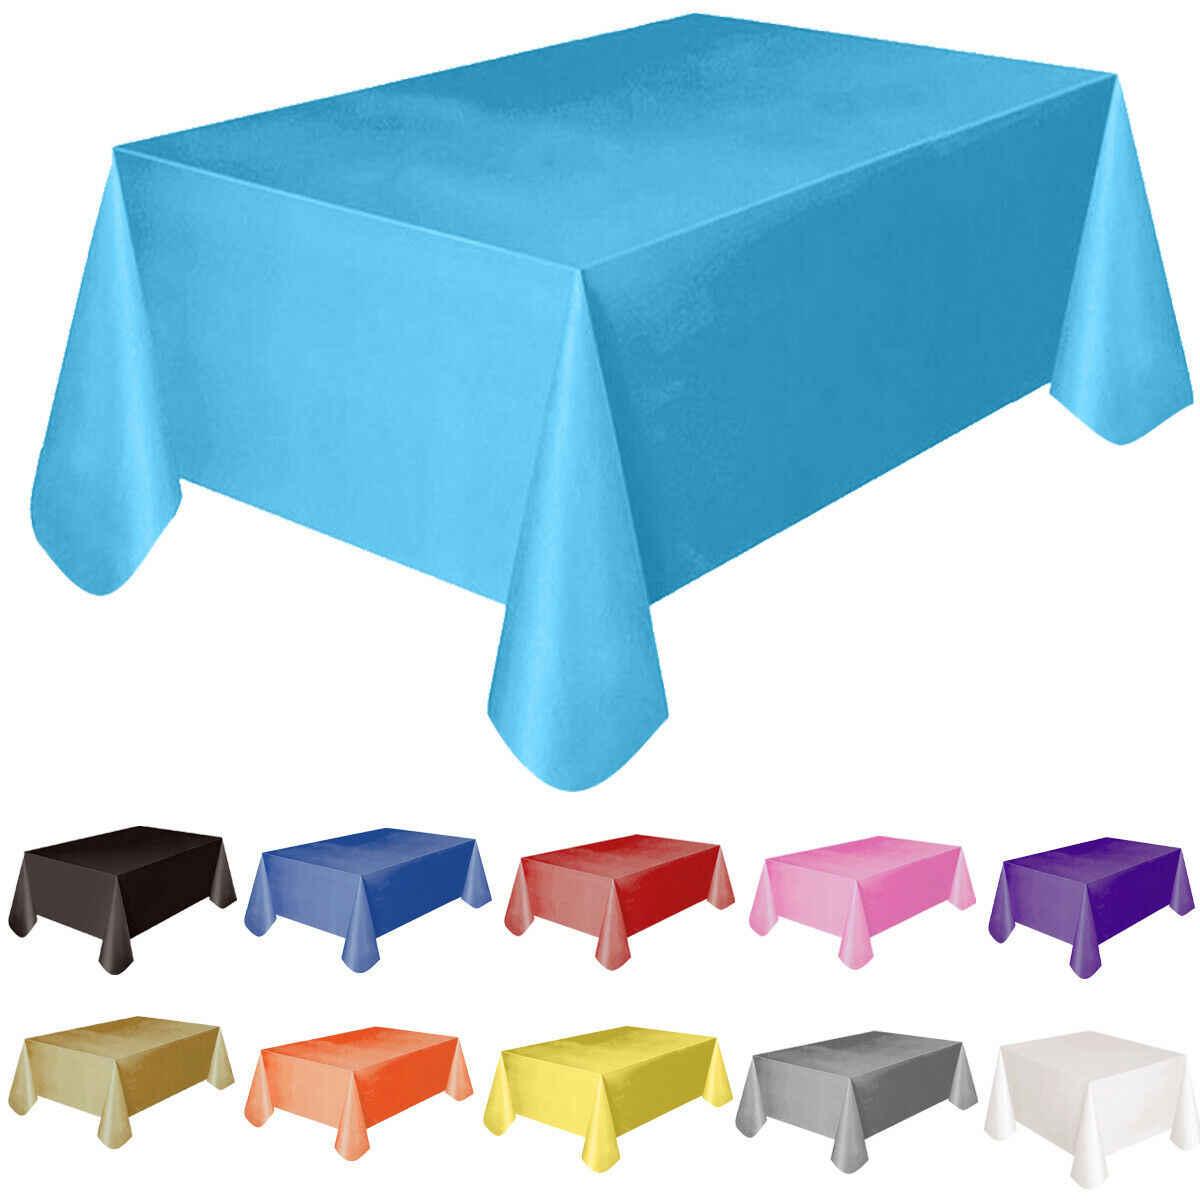 11 di colore di Colore Solido Casa Outdoor Wedding Hotel Banchetto della Festa Tovaglia 137x183cm Rettangolo di Tema Del Partito di Plastica Da Tavolo copertura Nuovo